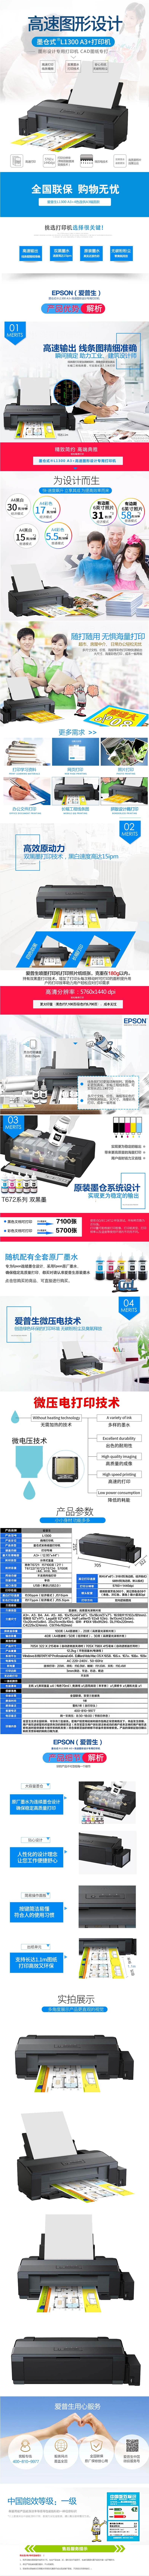 爱普生(EPSON)墨仓式L1300 A3+工程CAD高速图形设计专用打印机四色双黑长幅打印